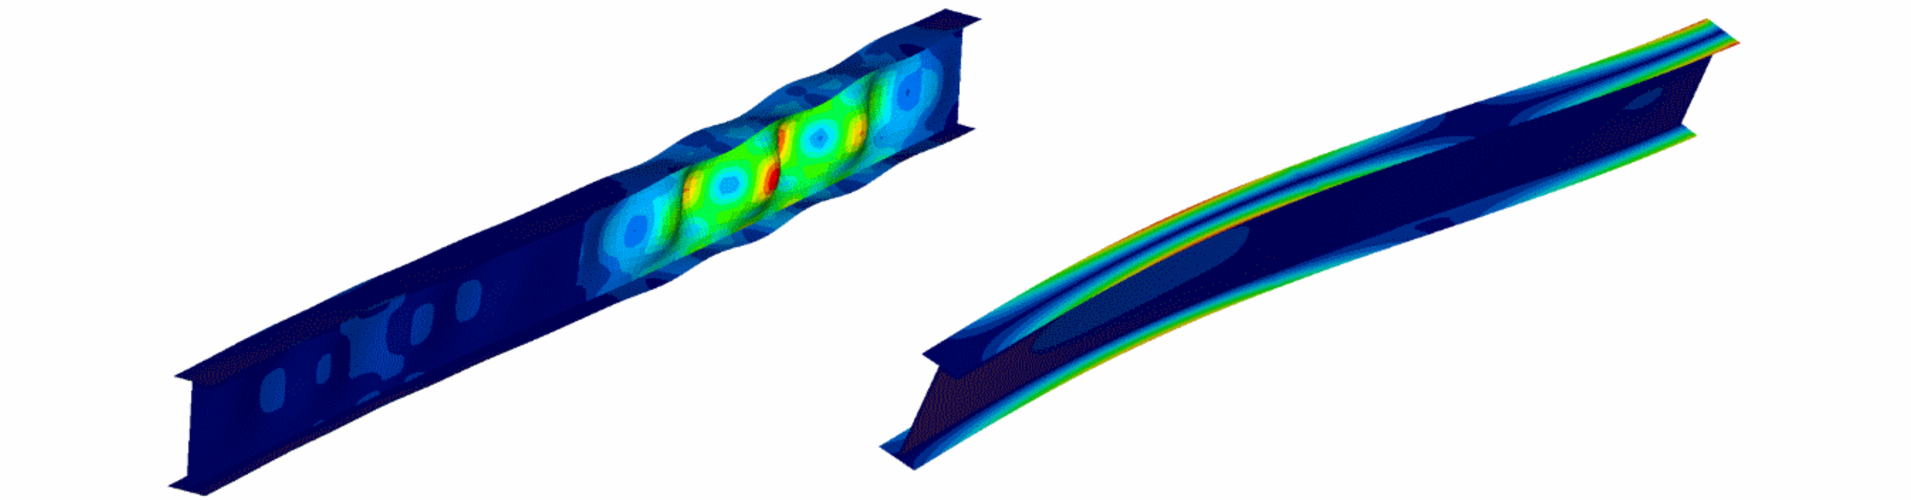 Eurocode 3 beam instability